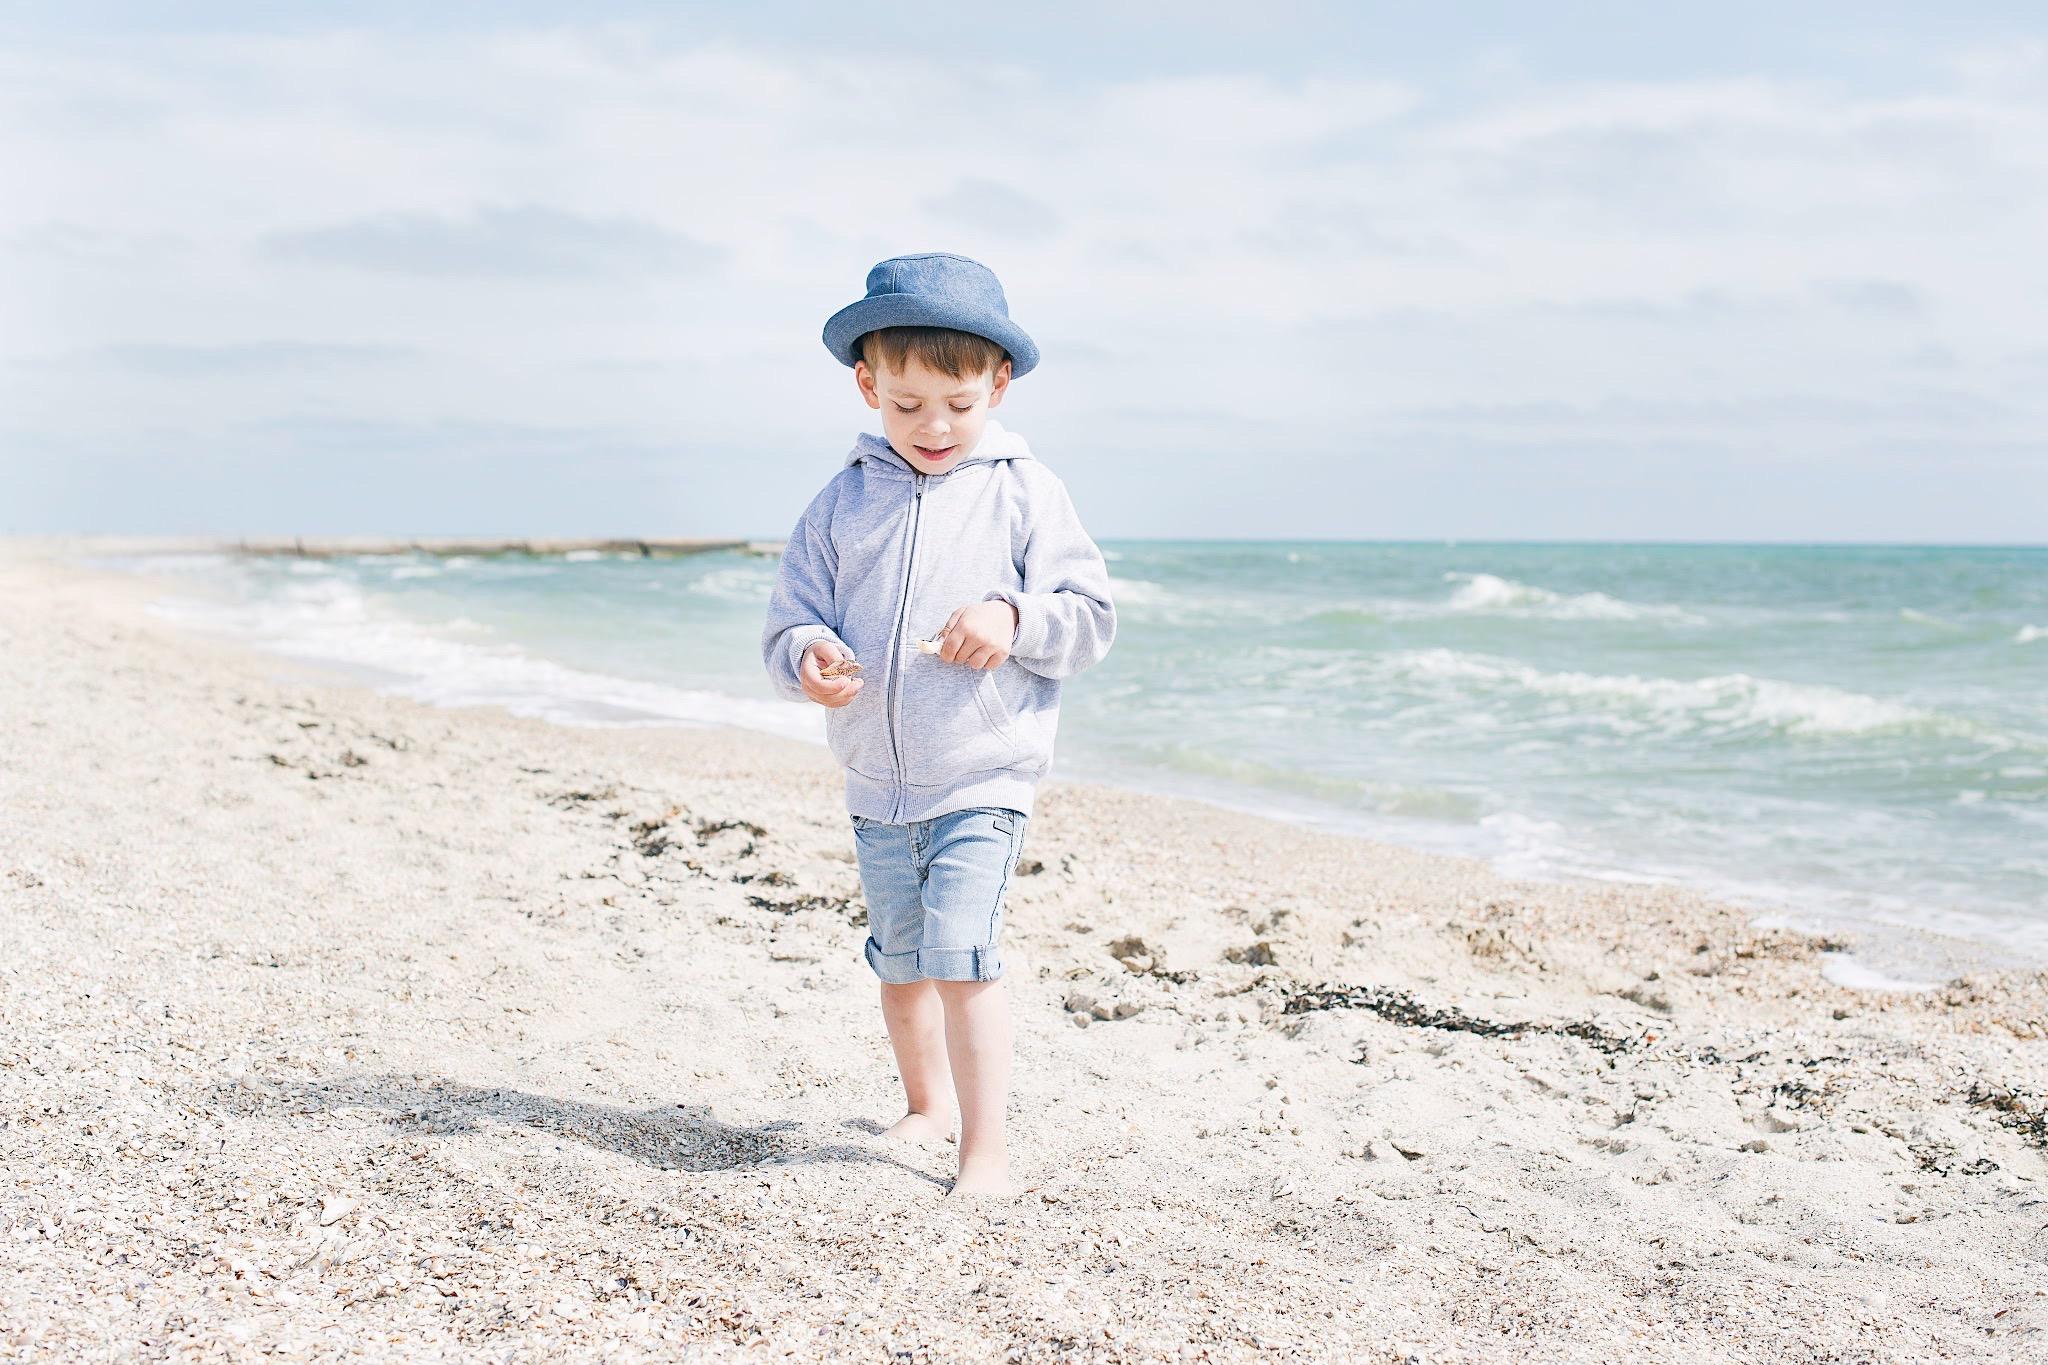 Sonnenschutz für Kinder beachten! Bild: @mazankotanya via Twenty20